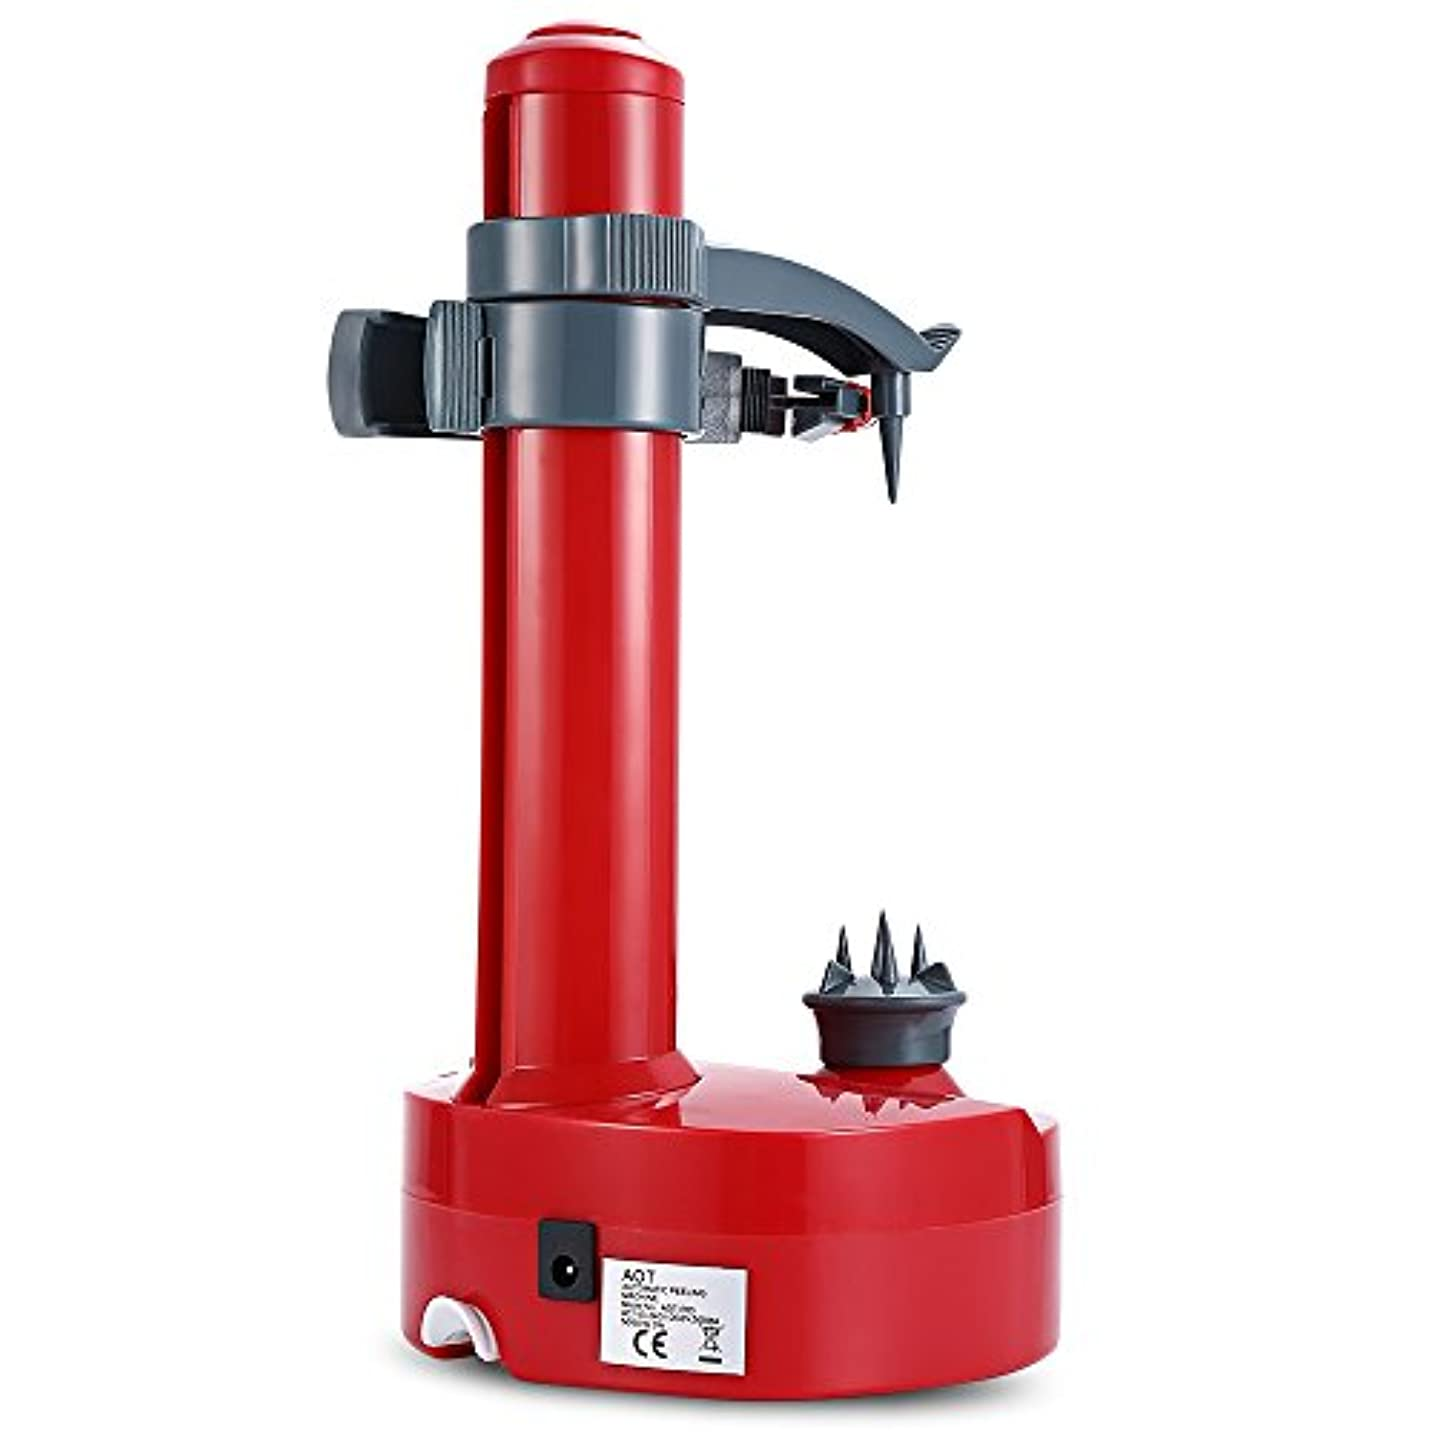 表現要件再編成するACAMPTAR 多機能電動ピーラー フルーツ野菜用 自動ステンレス鋼の皮むき器キッチンポテトカッター機 レッド